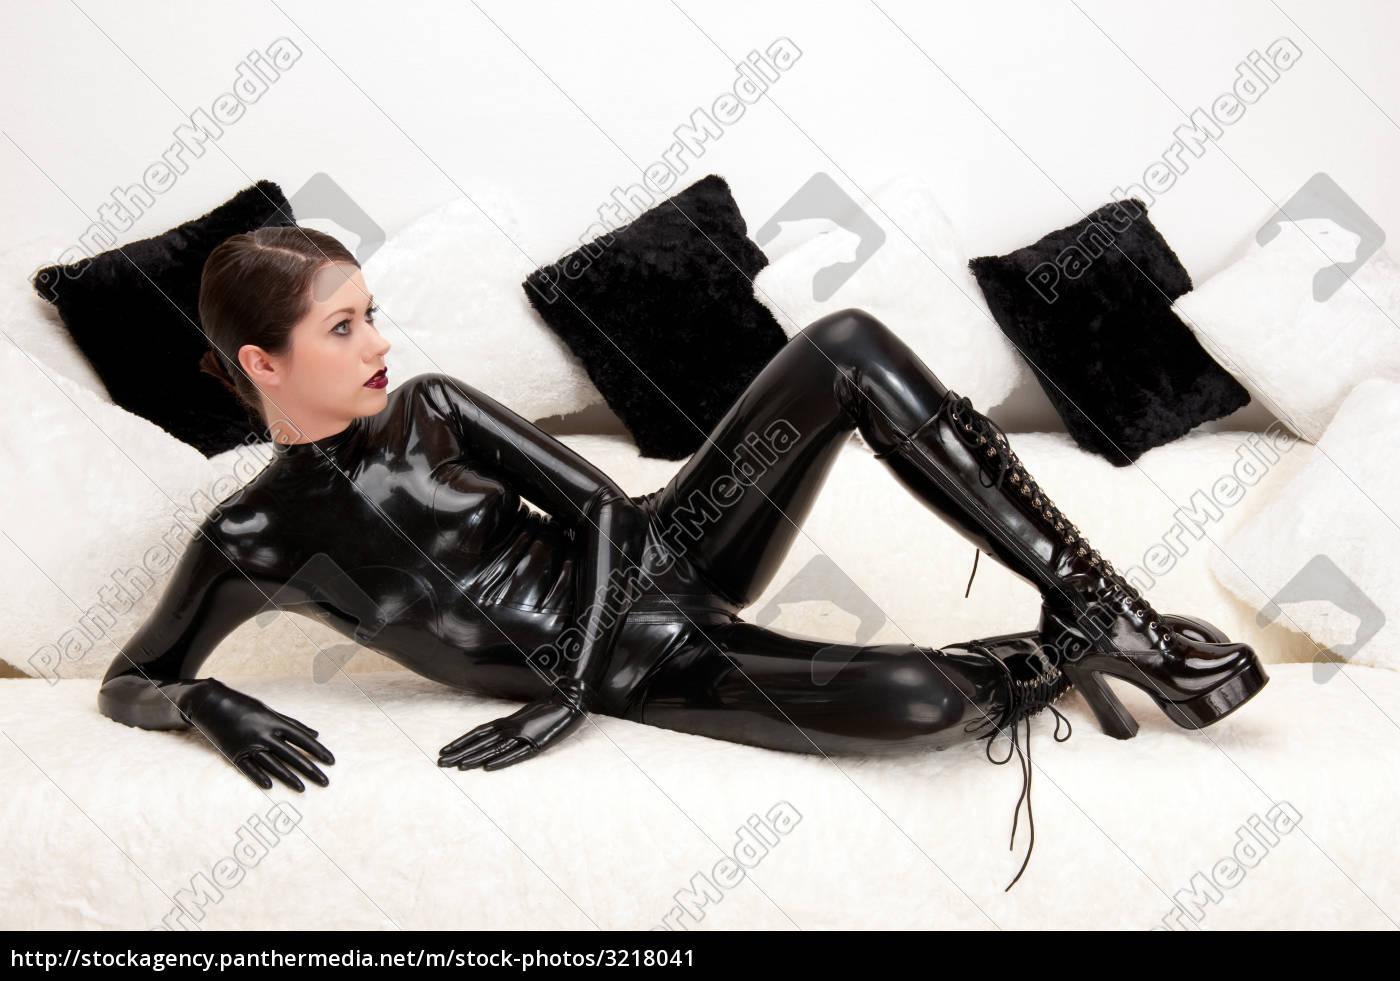 sexy, latex, dominatrix - 3218041